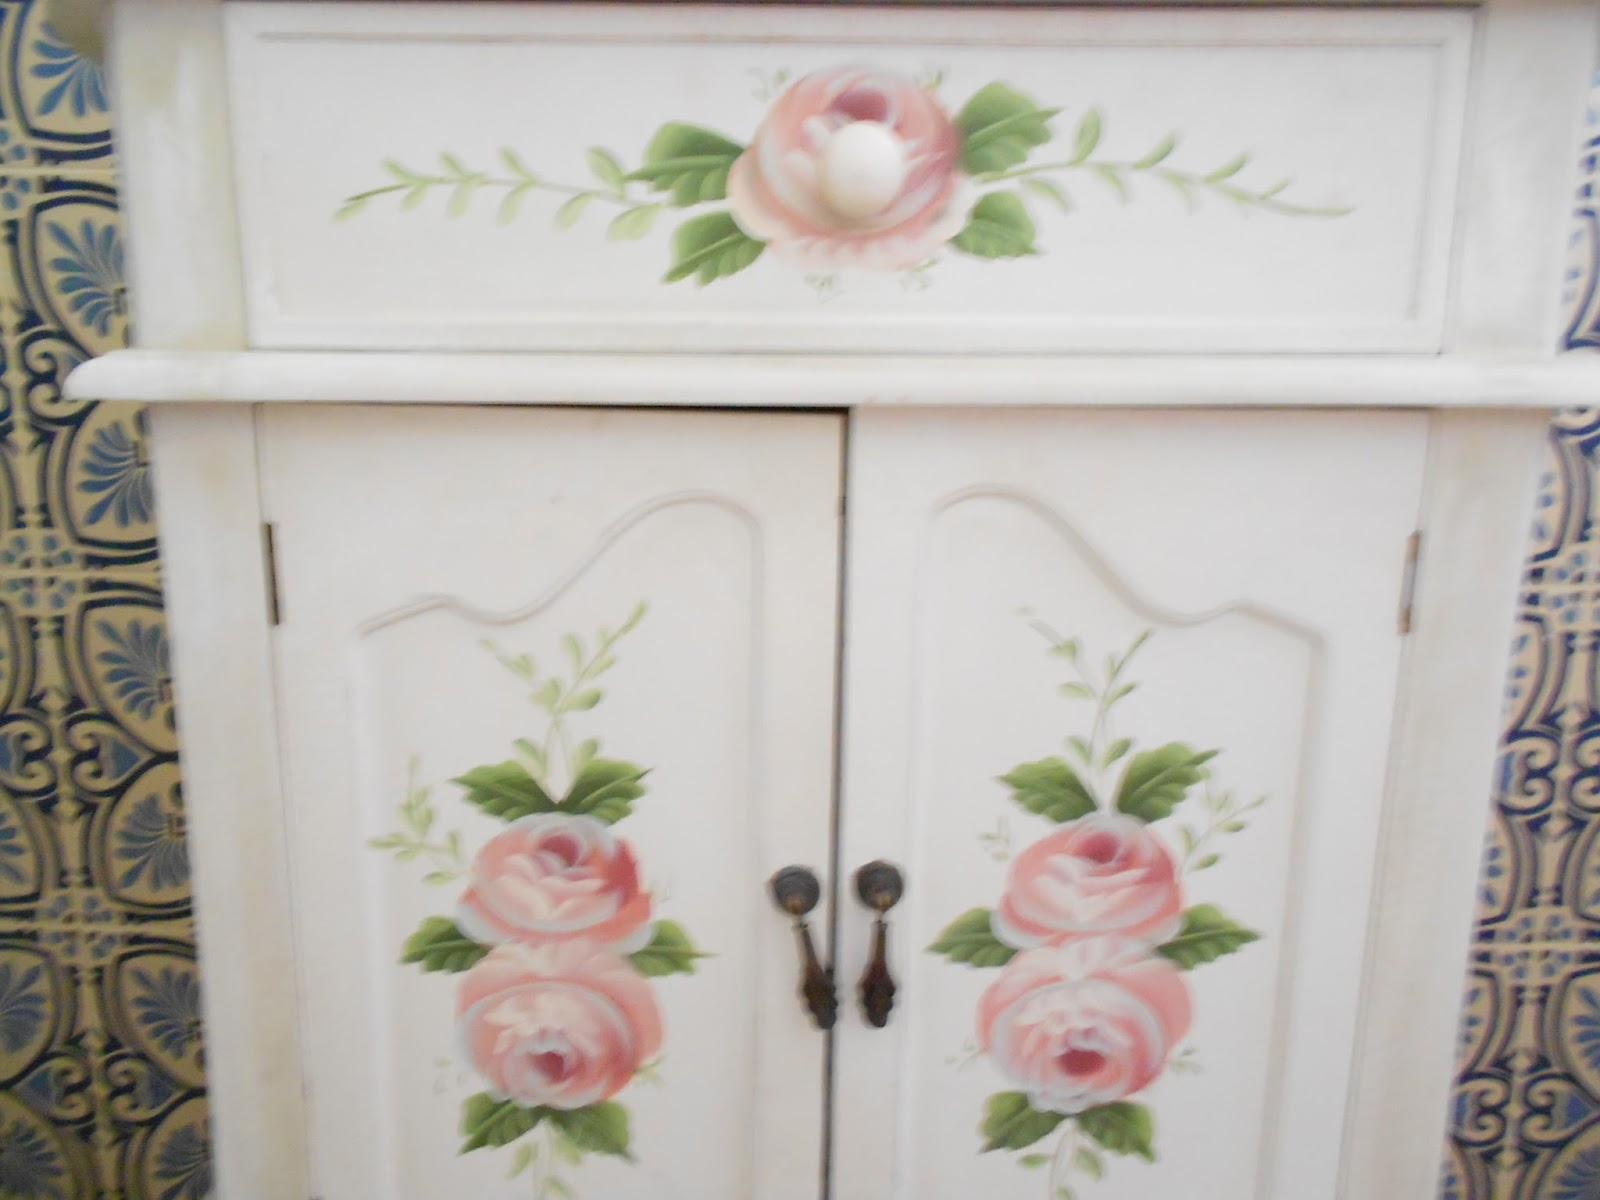 Mariquita costurera c mo decorar un mueble - Decorar un mueble ...